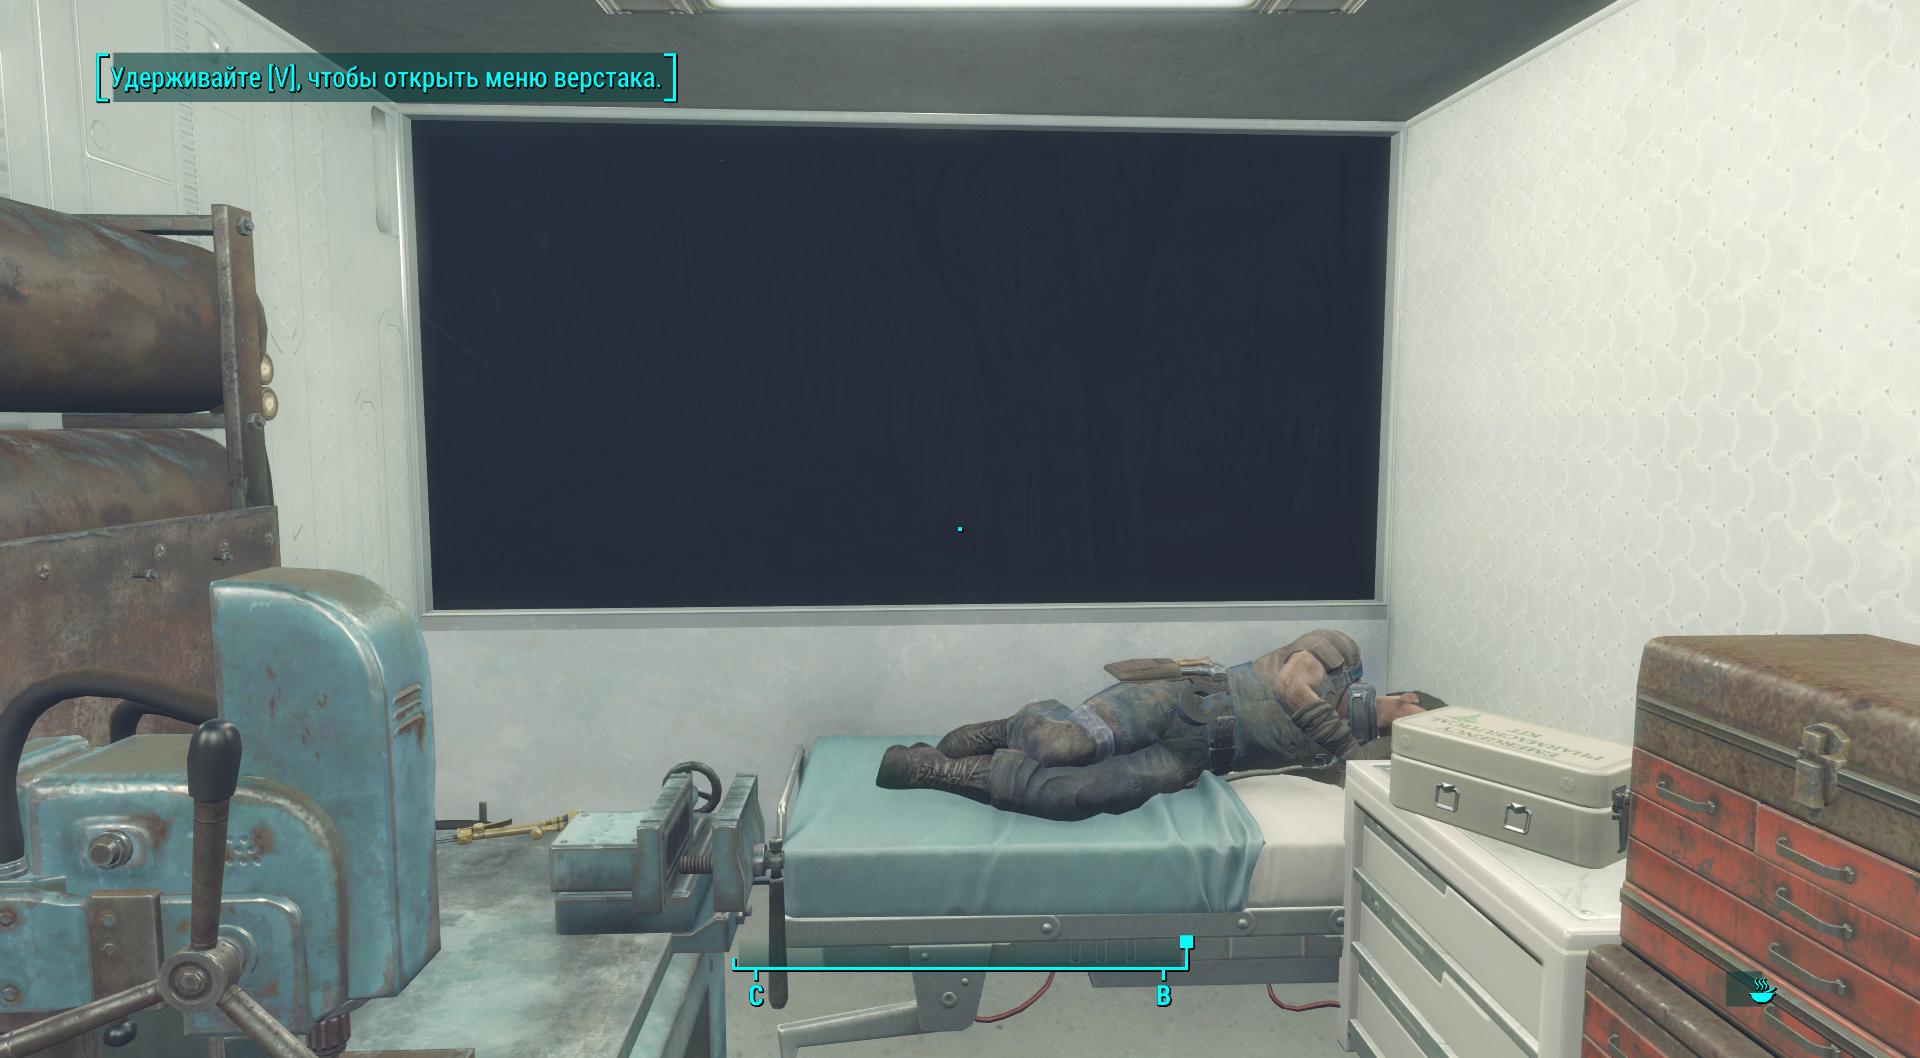 Комната Стурджеса - Fallout 4